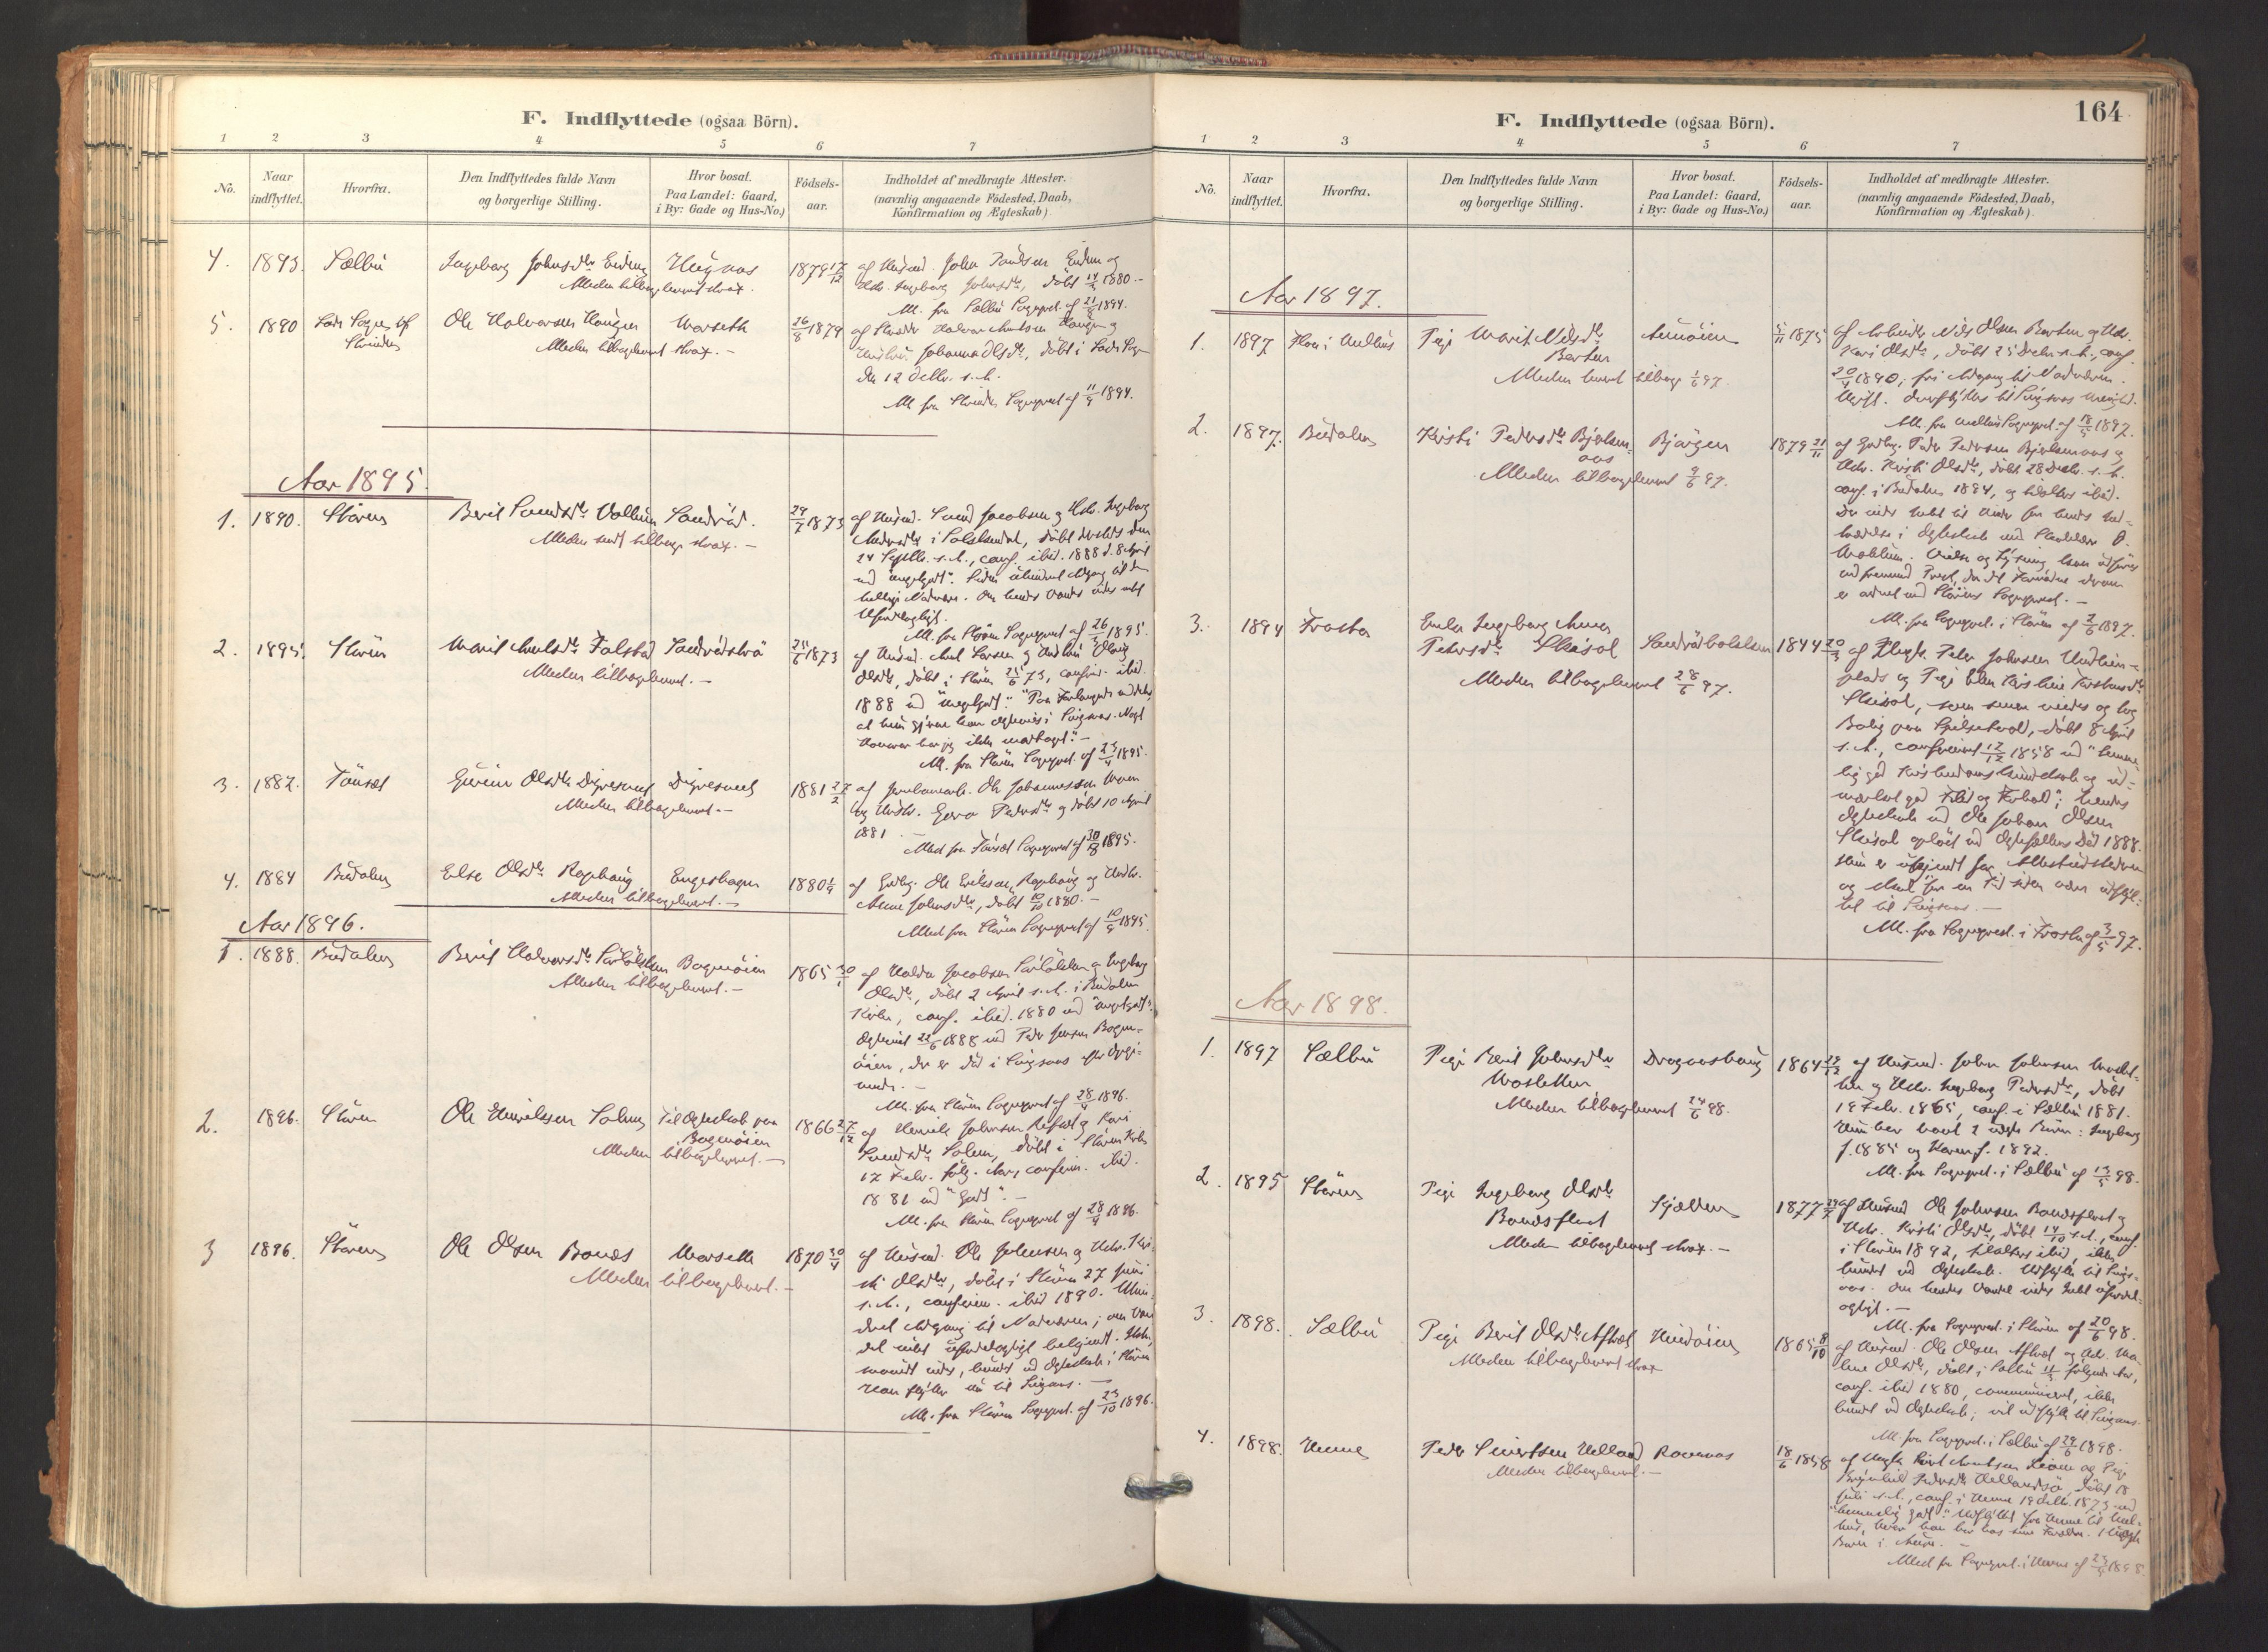 SAT, Ministerialprotokoller, klokkerbøker og fødselsregistre - Sør-Trøndelag, 688/L1025: Ministerialbok nr. 688A02, 1891-1909, s. 164